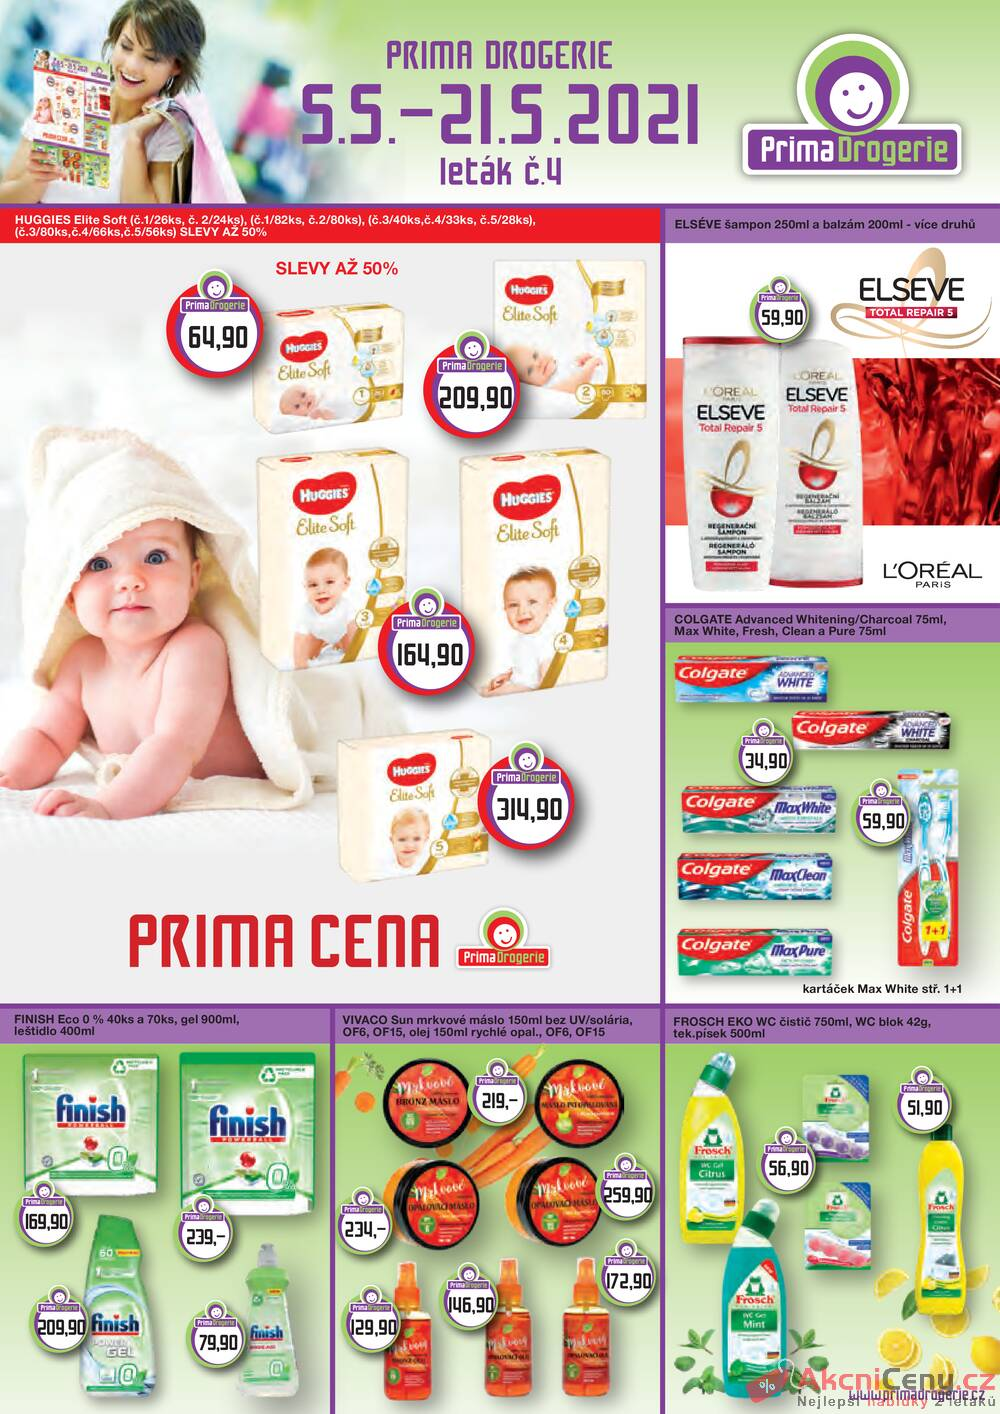 Leták Prima Drogerie - Prima drogerie  od 5.5. do 21.5.2021 - strana 1